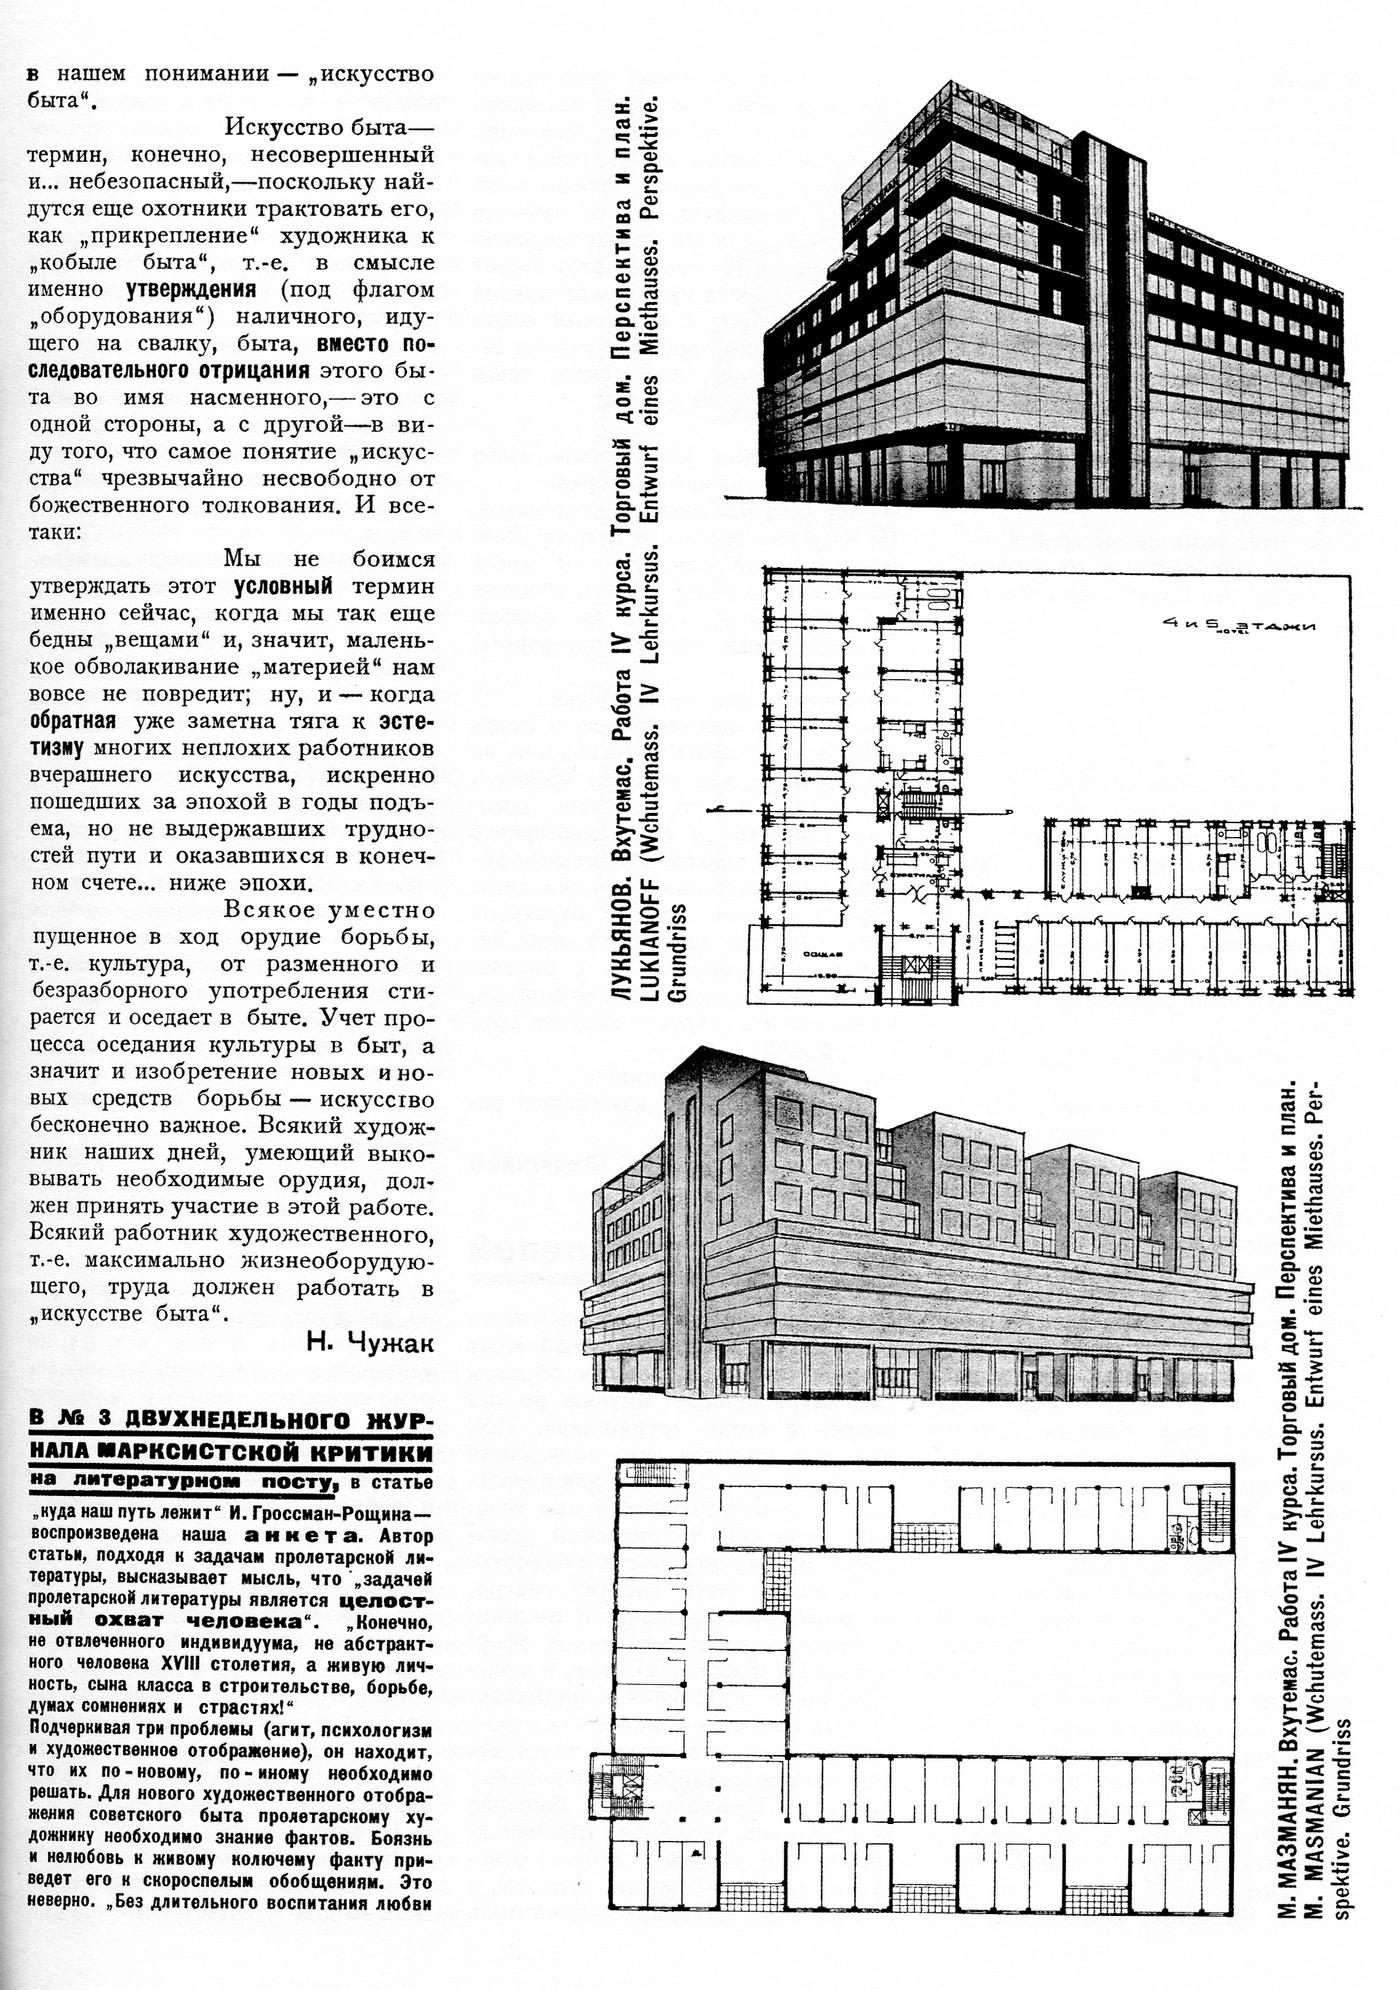 tehne.com-1927-1-027